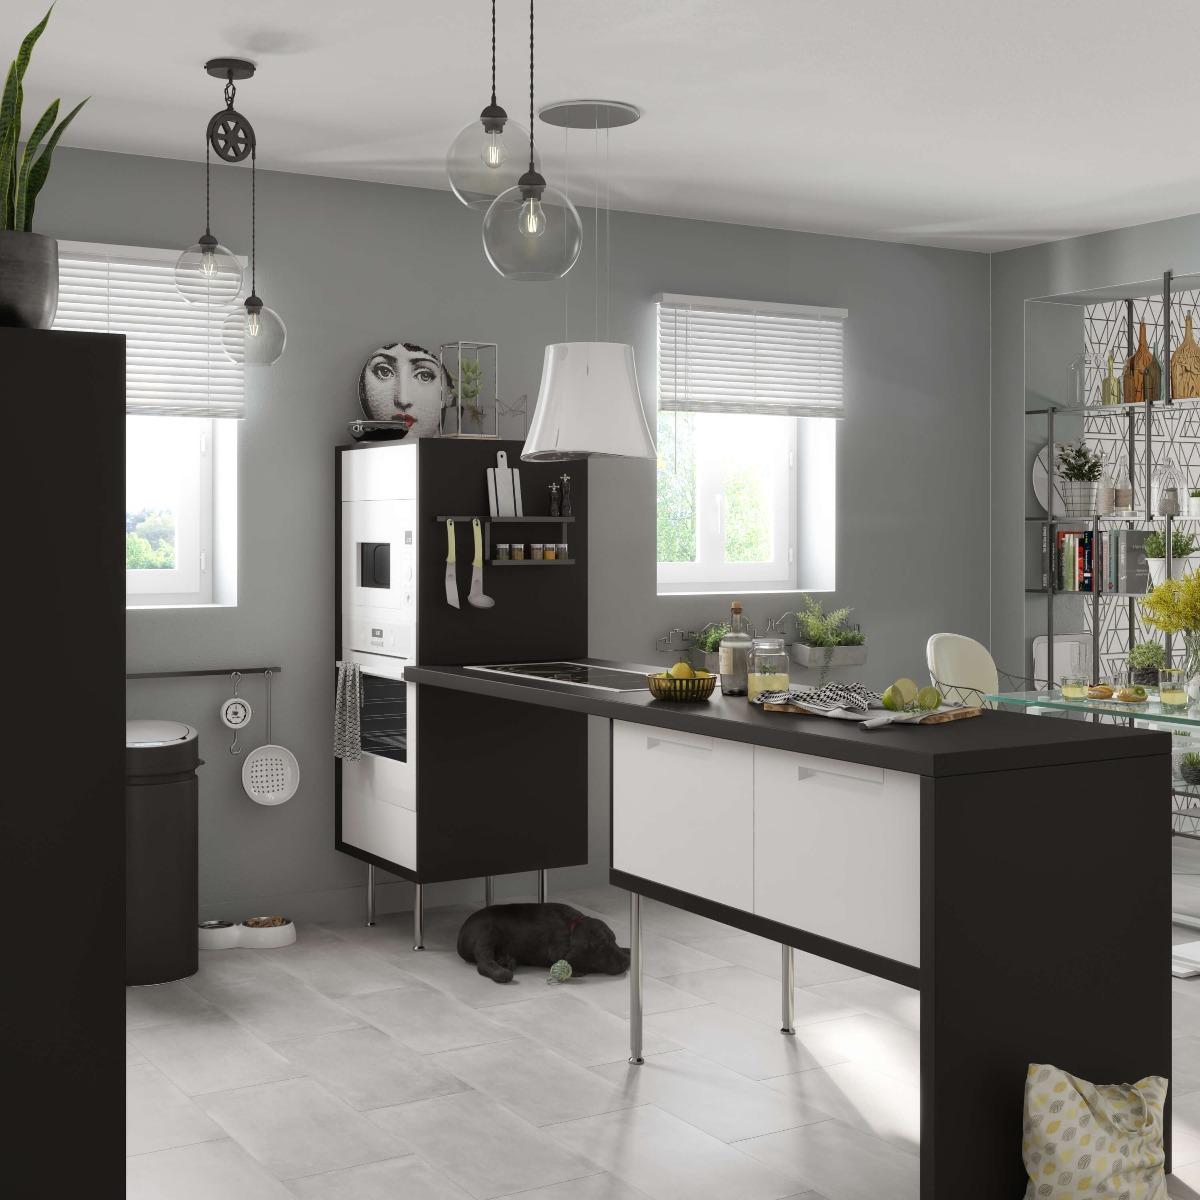 Delinia Evora White Designer Kitchen Mobi - Example 2